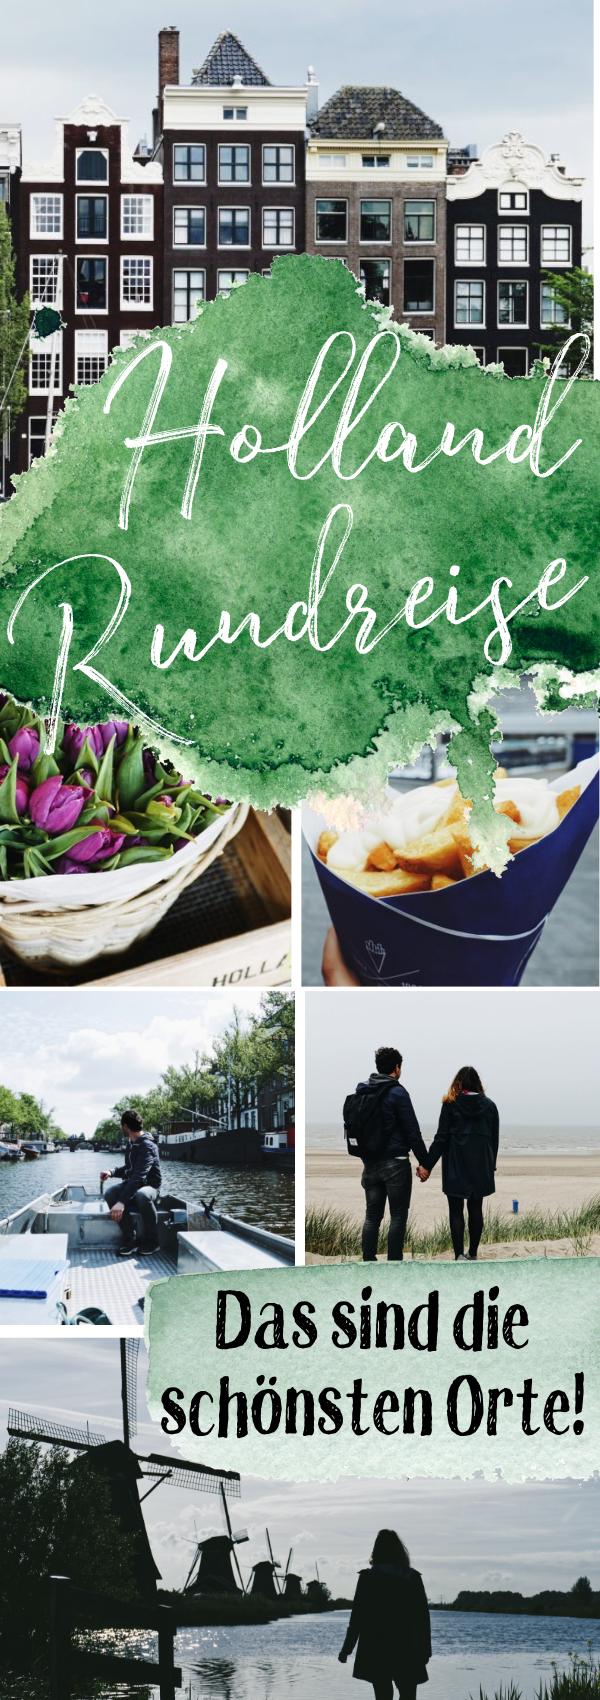 Holland Rundreise - Städte in Niederlanden, Rundreise, Amsterdam